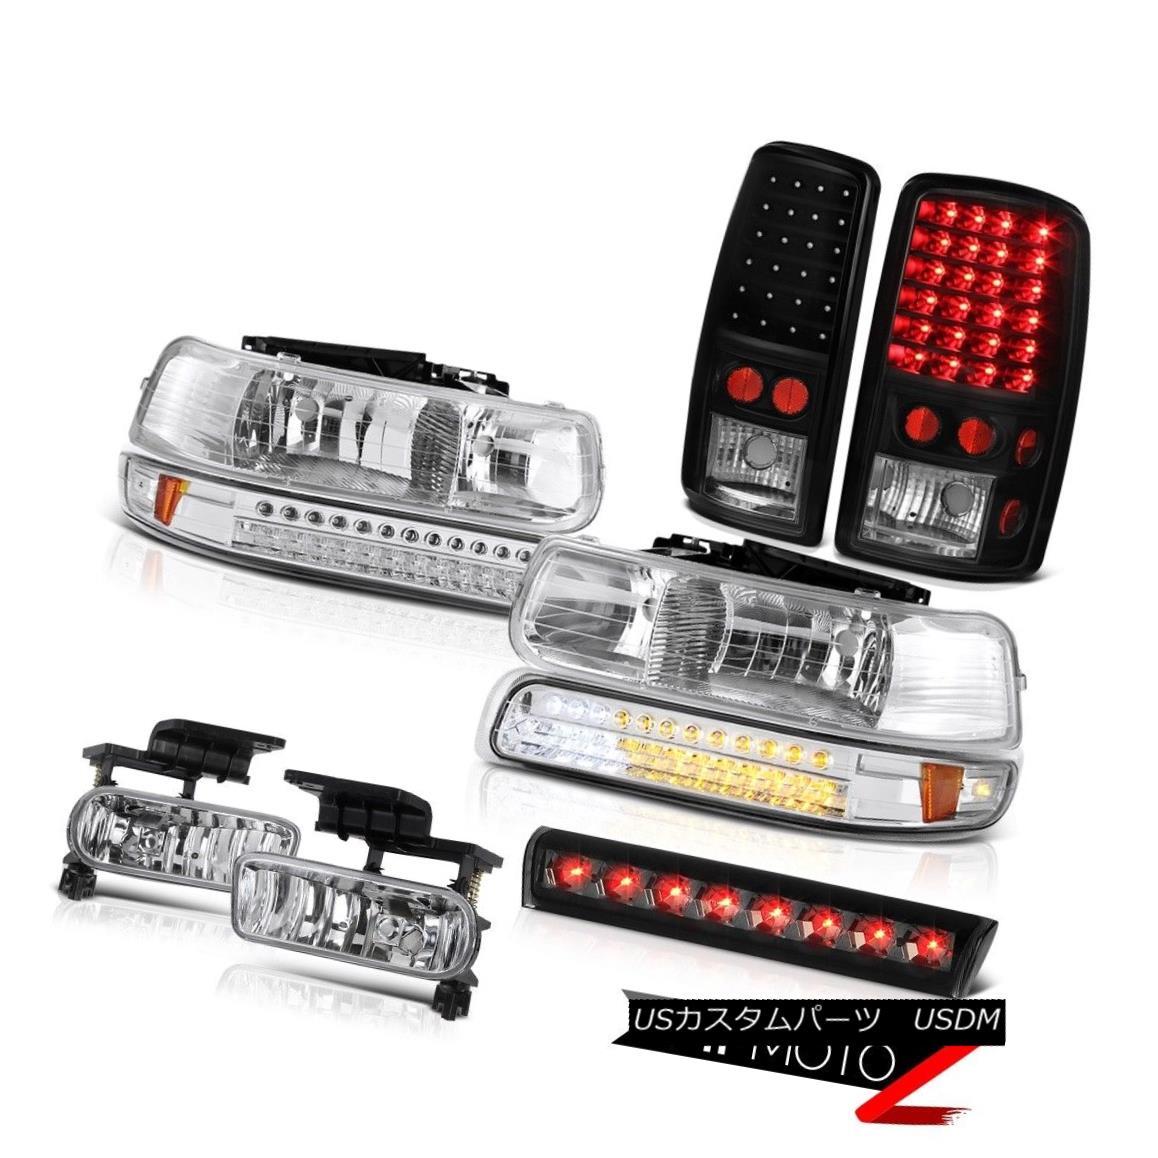 テールライト 2000-2006 Suburban 1500 Z71 Third brake light chrome fog lamps tail Headlamps 2000-2006郊外1500 Z71第3ブレーキライトクロームフォグランプテールヘッドランプ